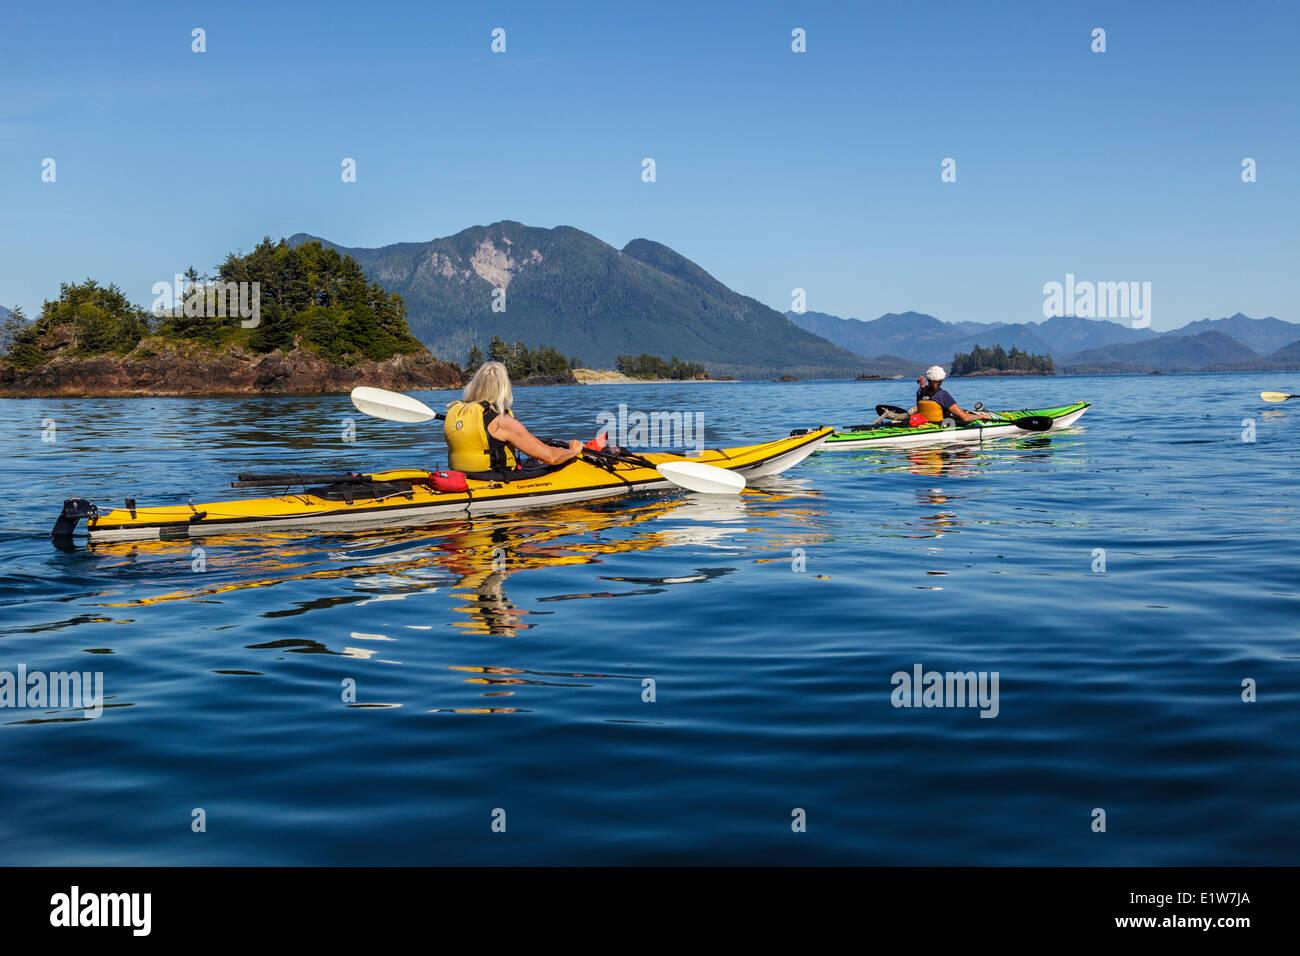 Due approccio kayakers Whalers isolotto di Clayoquot Sound al largo della costa occidentale dell'isola di Vancouver, Immagini Stock